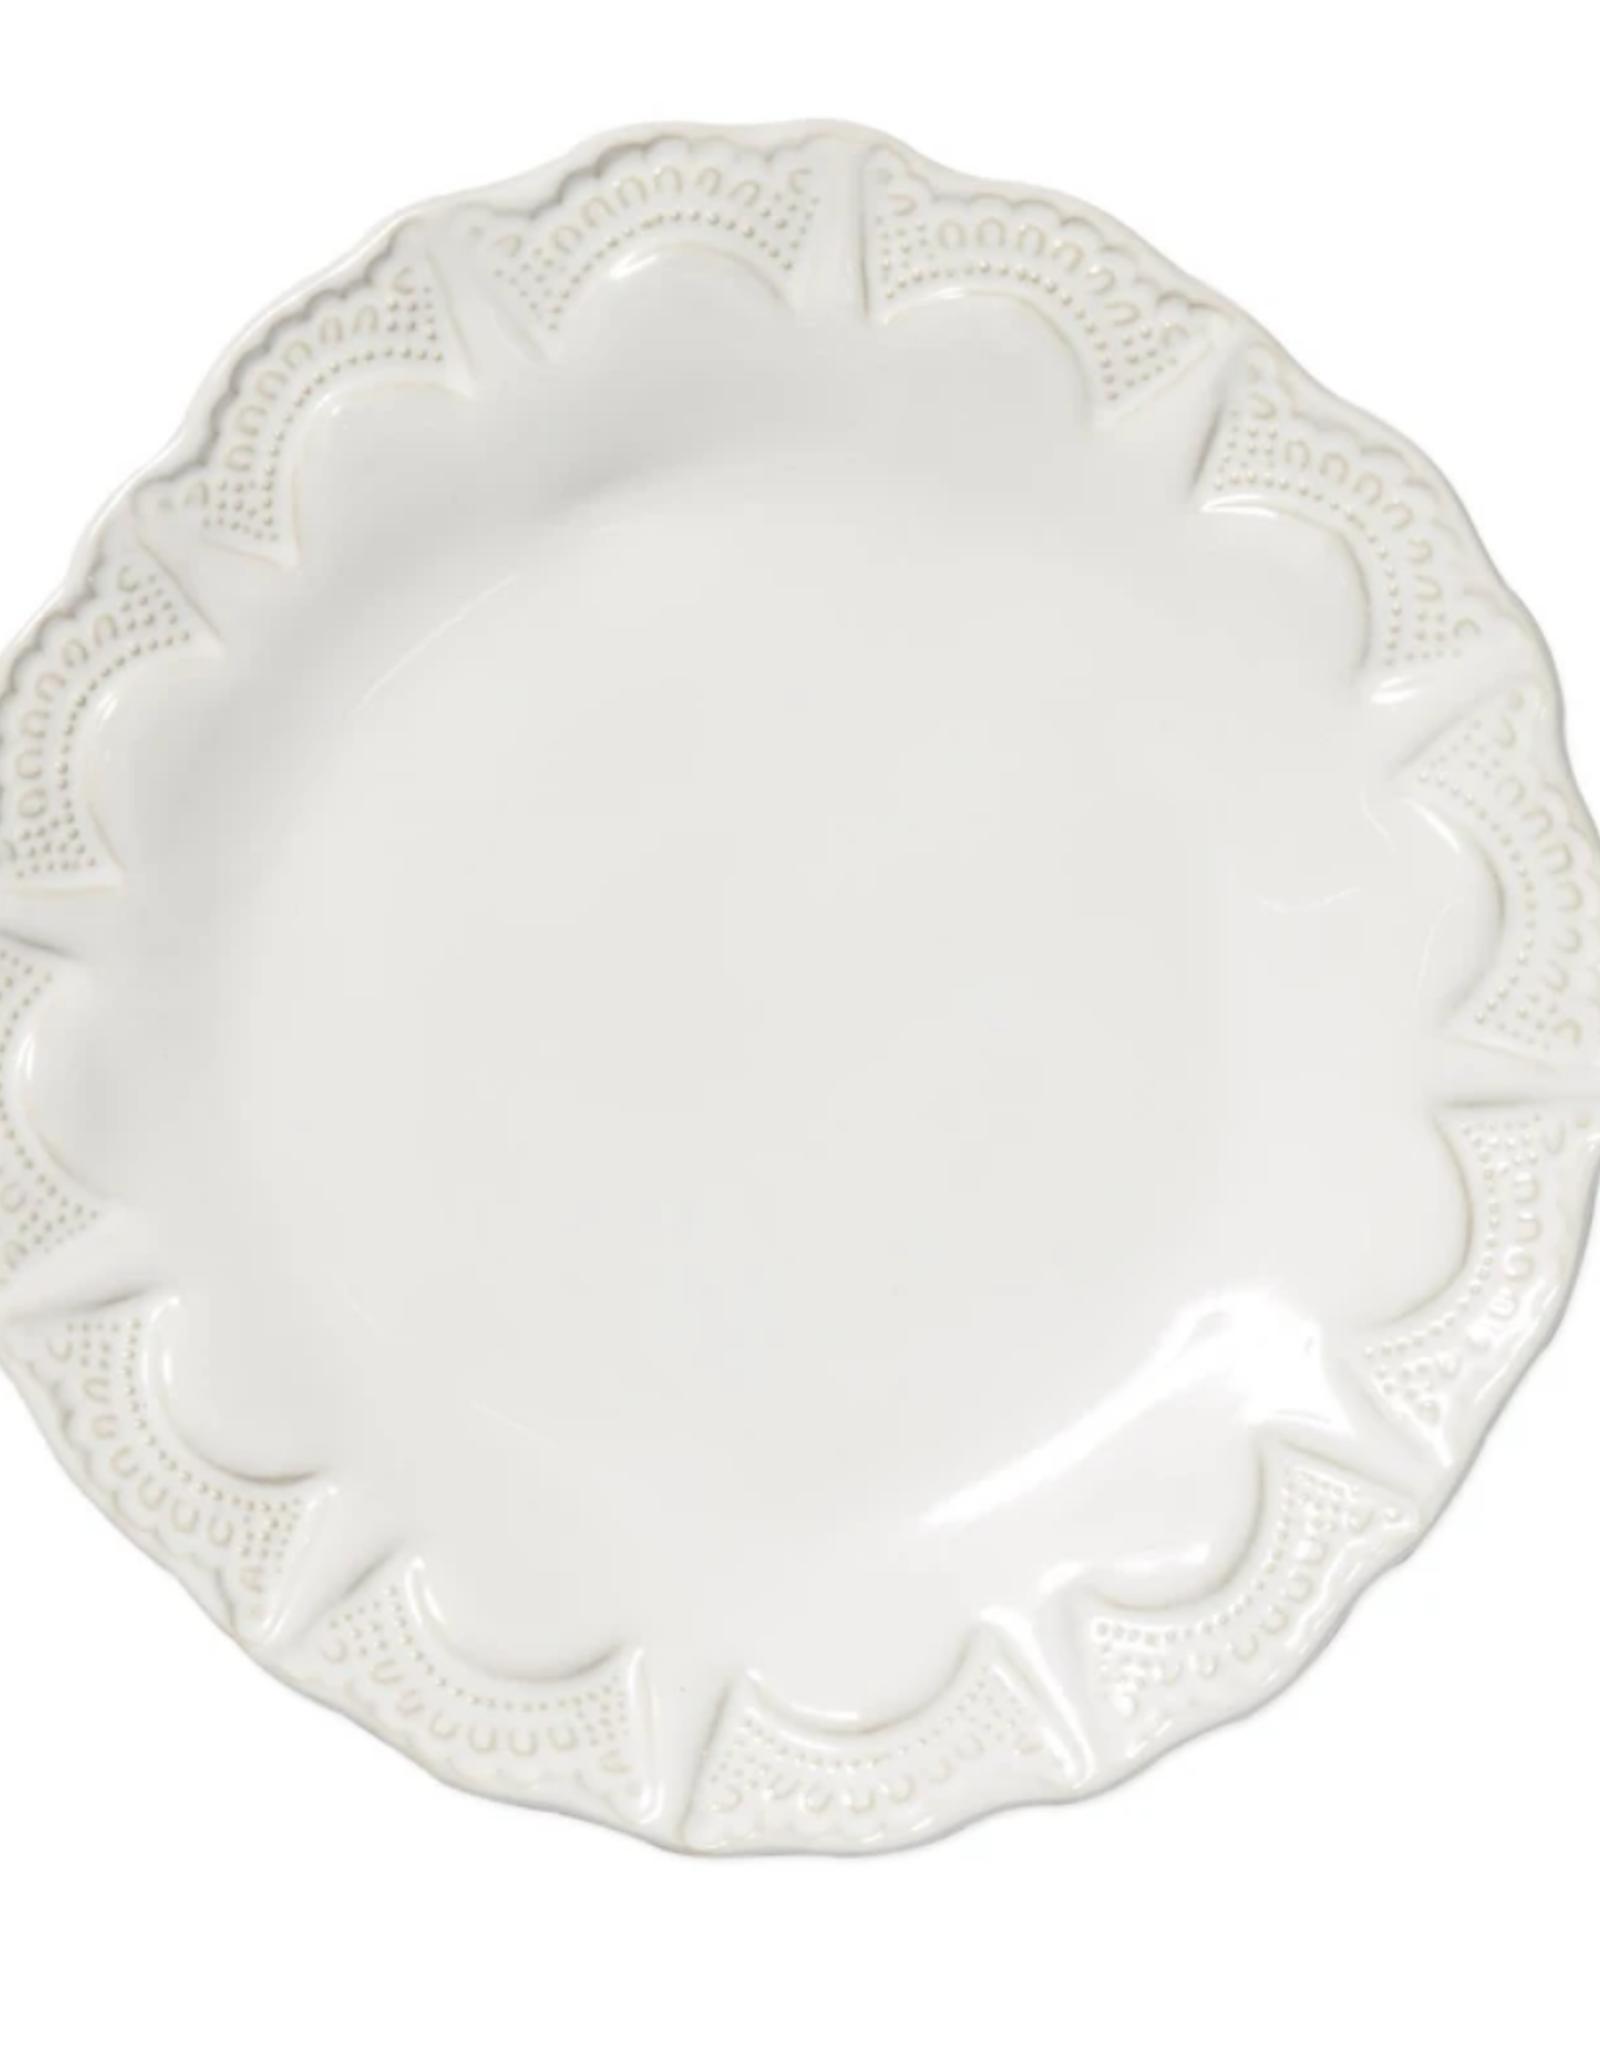 Vietri Incanto Stoneware White Lace Salad Plate